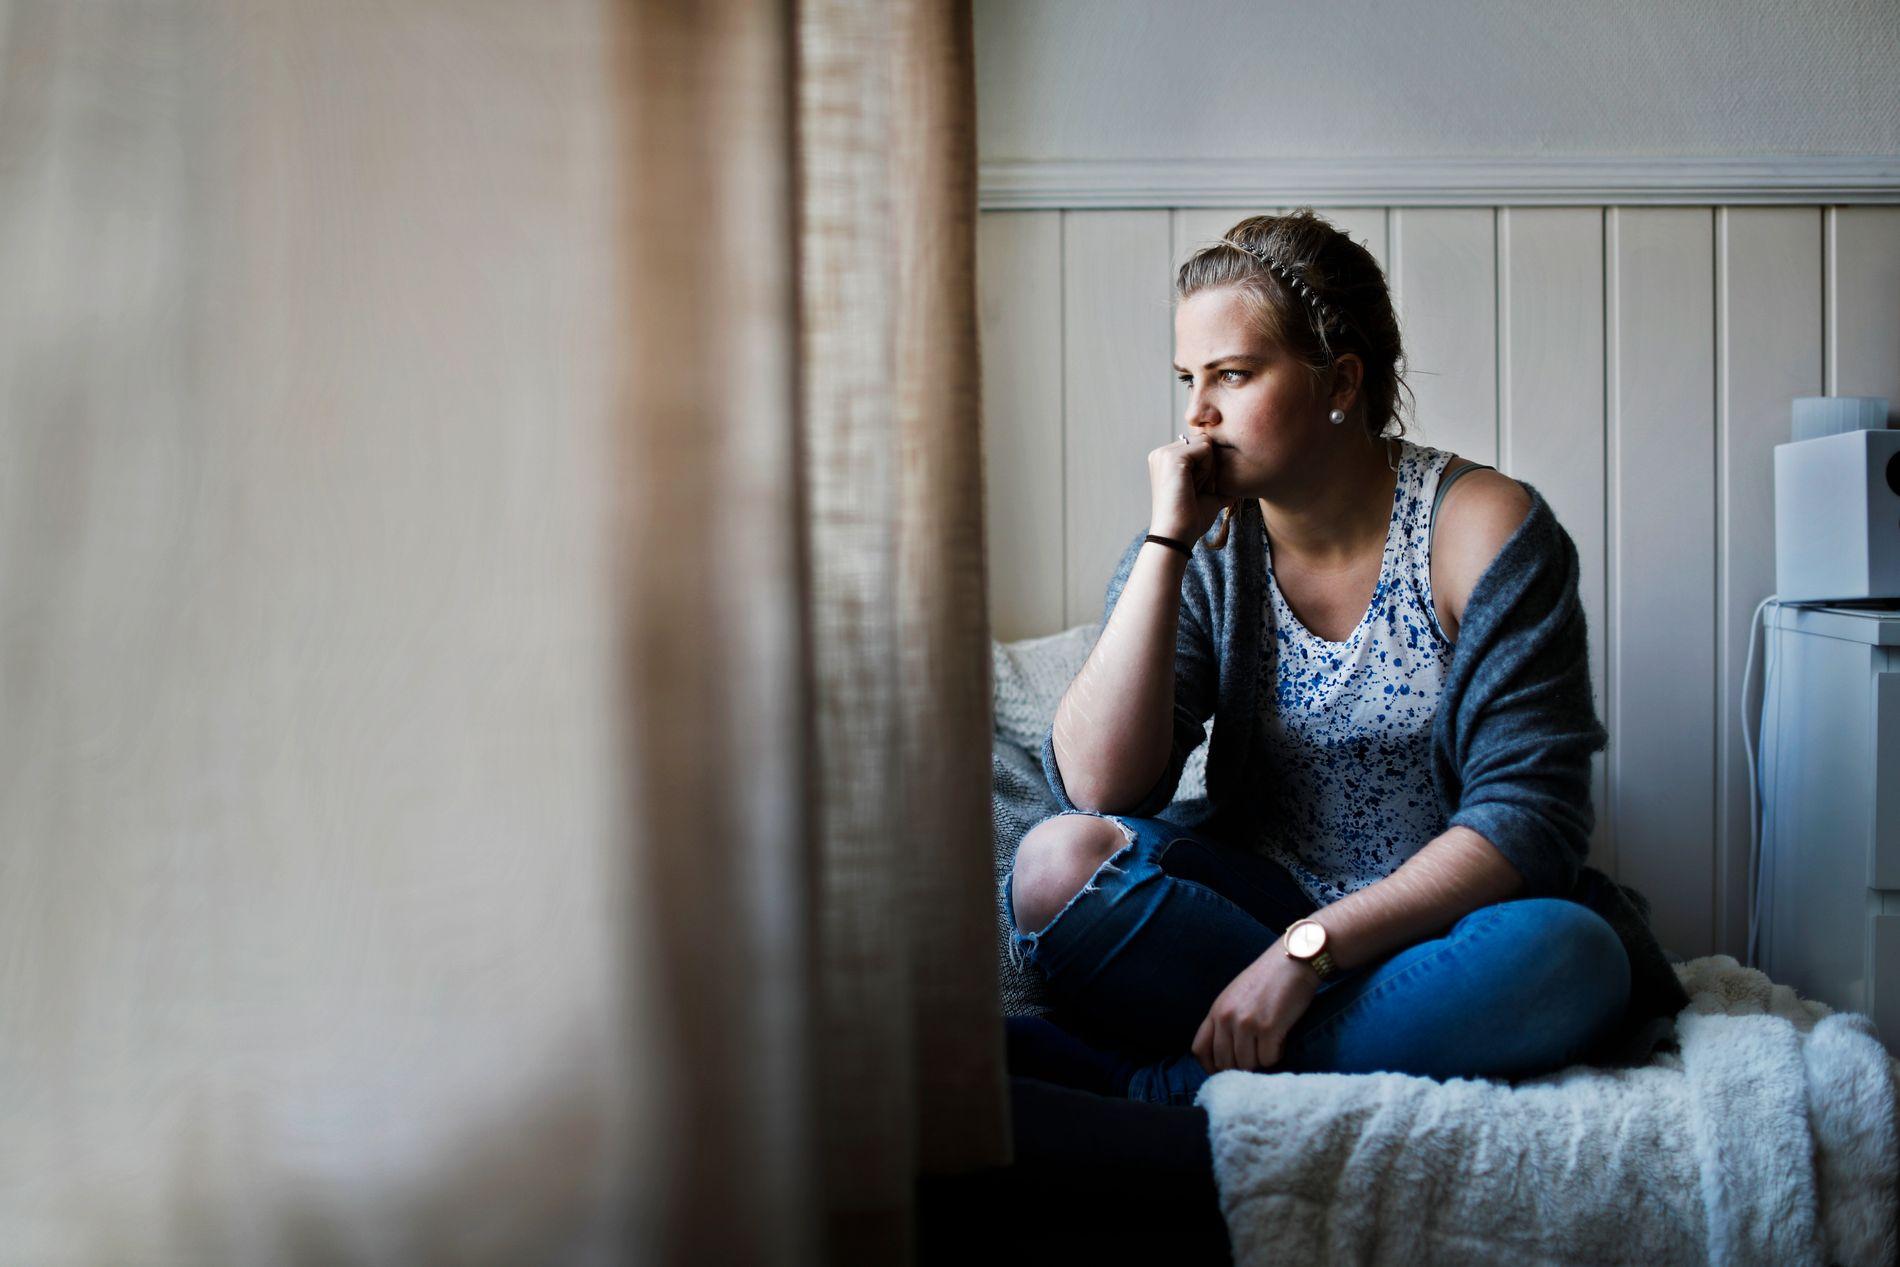 MODIG: Tonje (21) var innlagt på barne- og ungdomspsykiatrisk i fire år. I dag er hun student og samboer - og takknemlig for den omsorgen som ble vist henne.